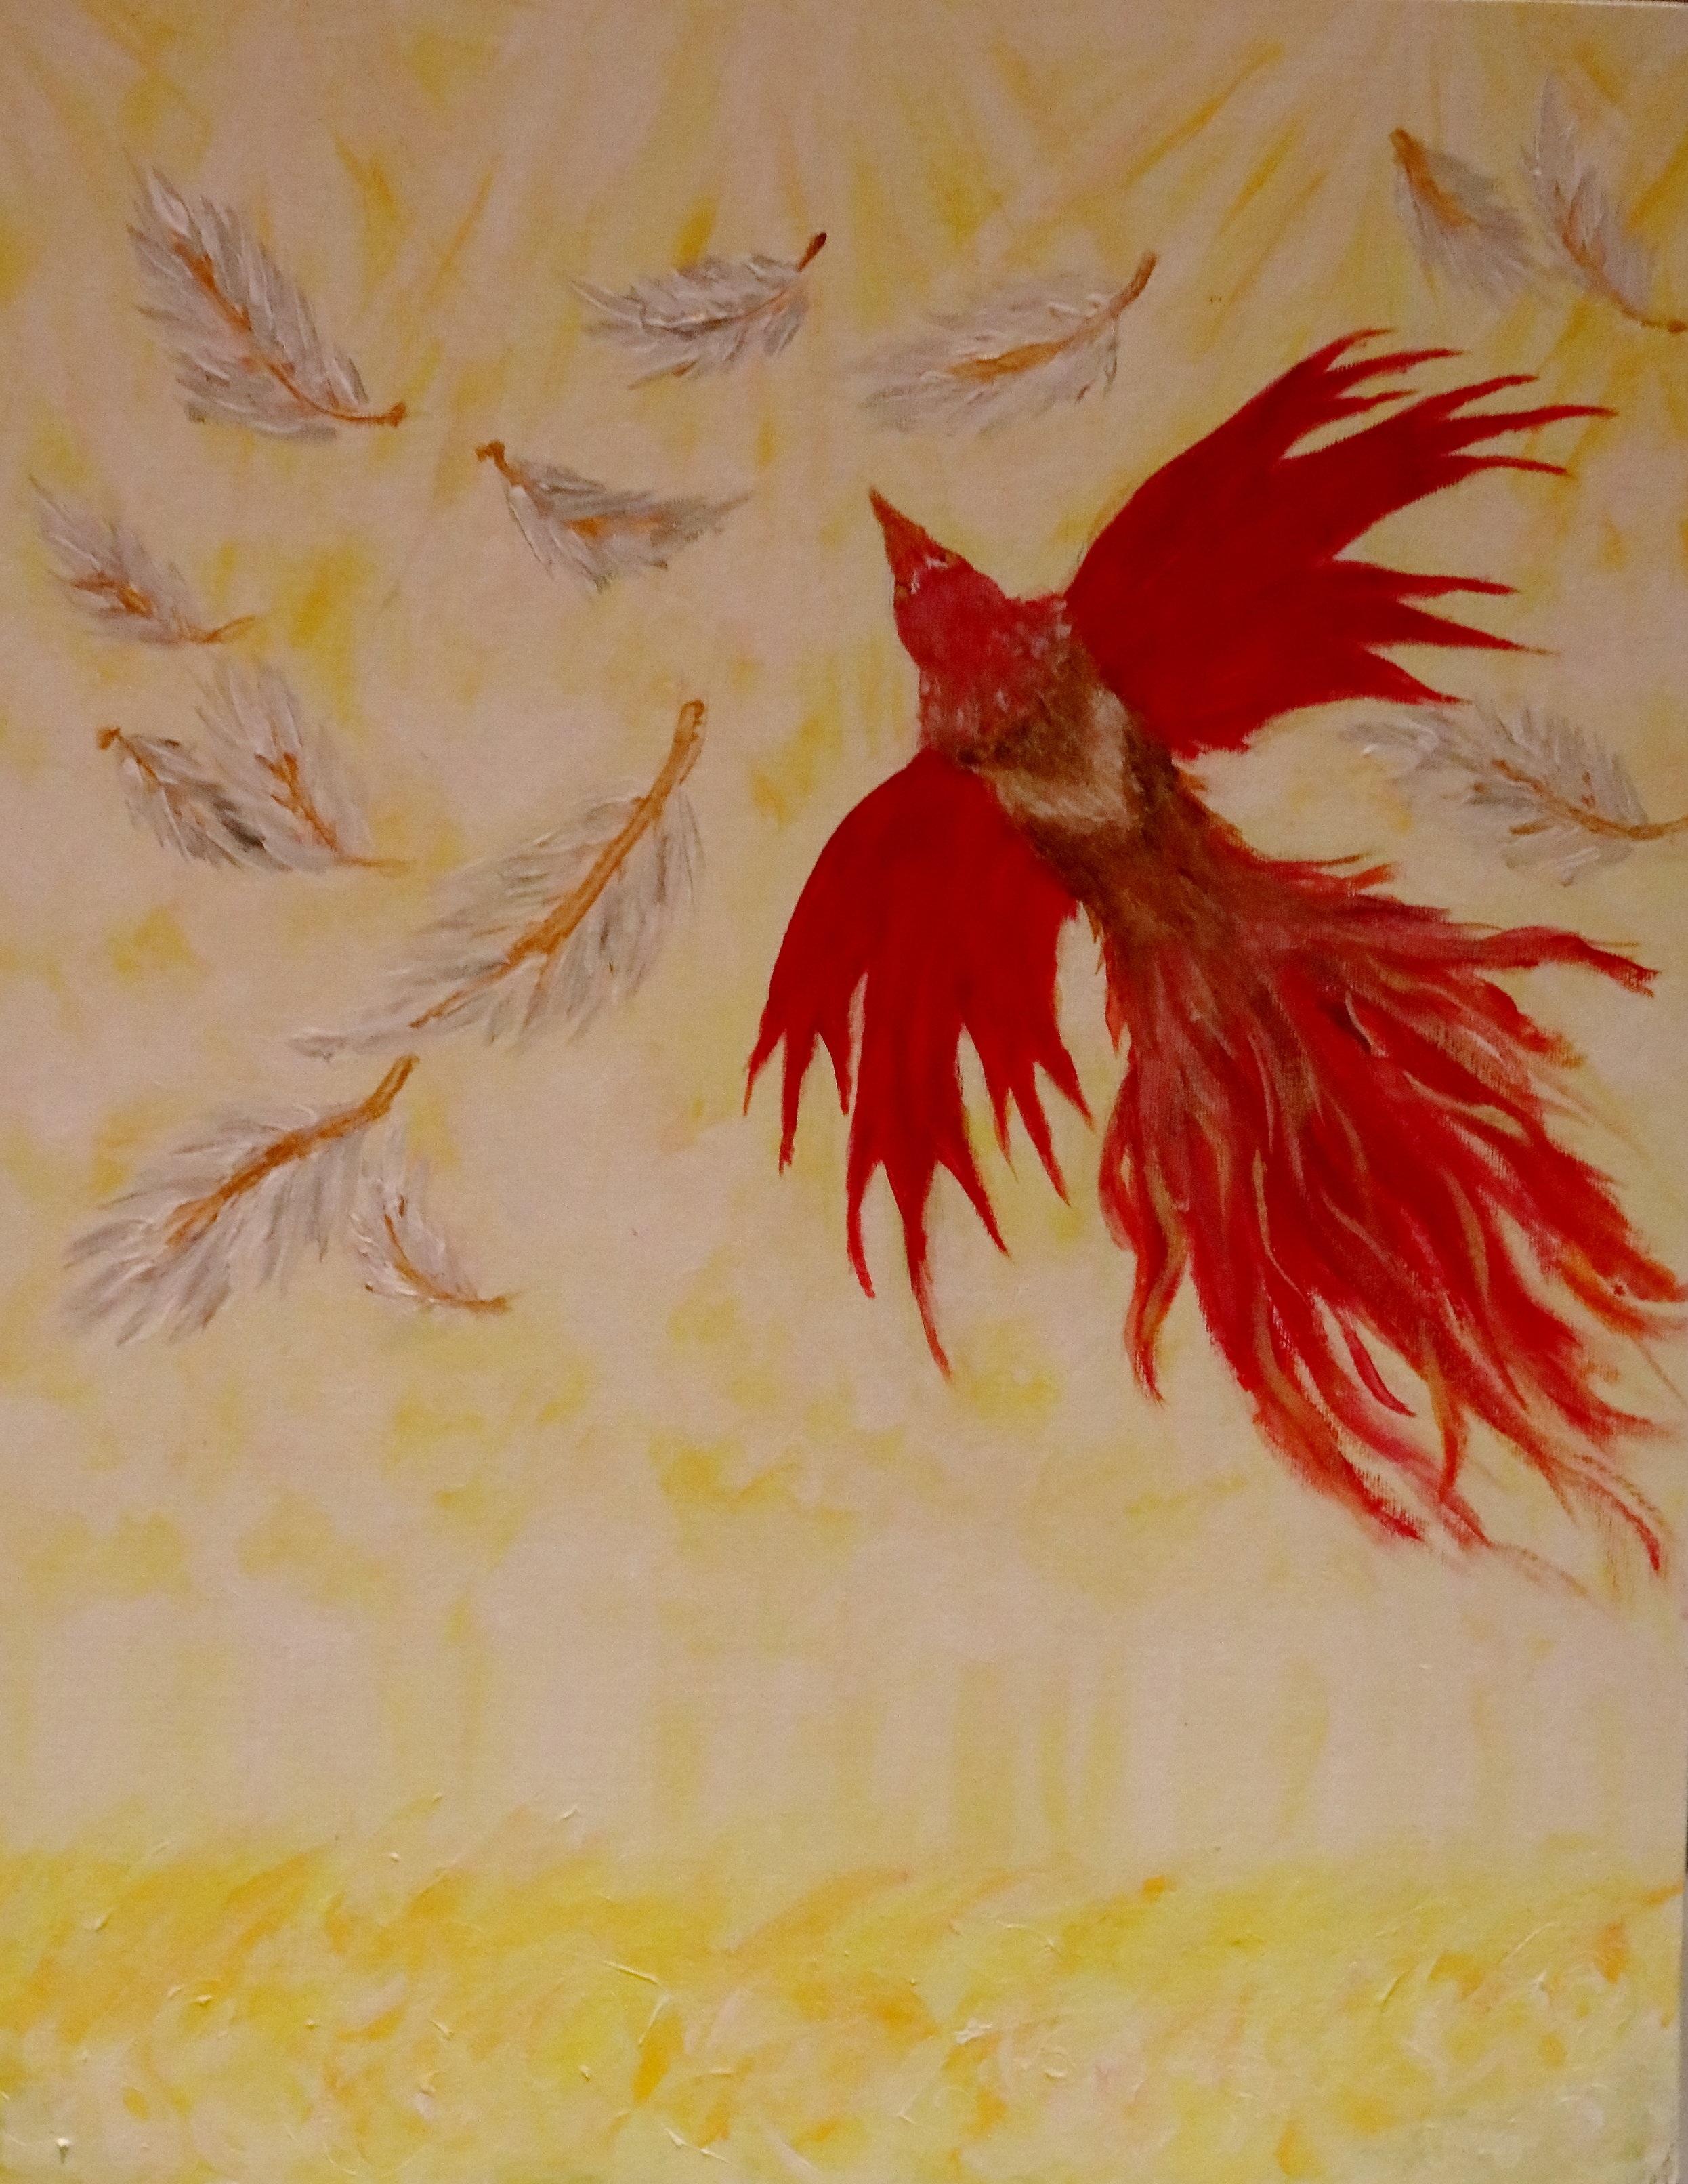 Red Bird Flying